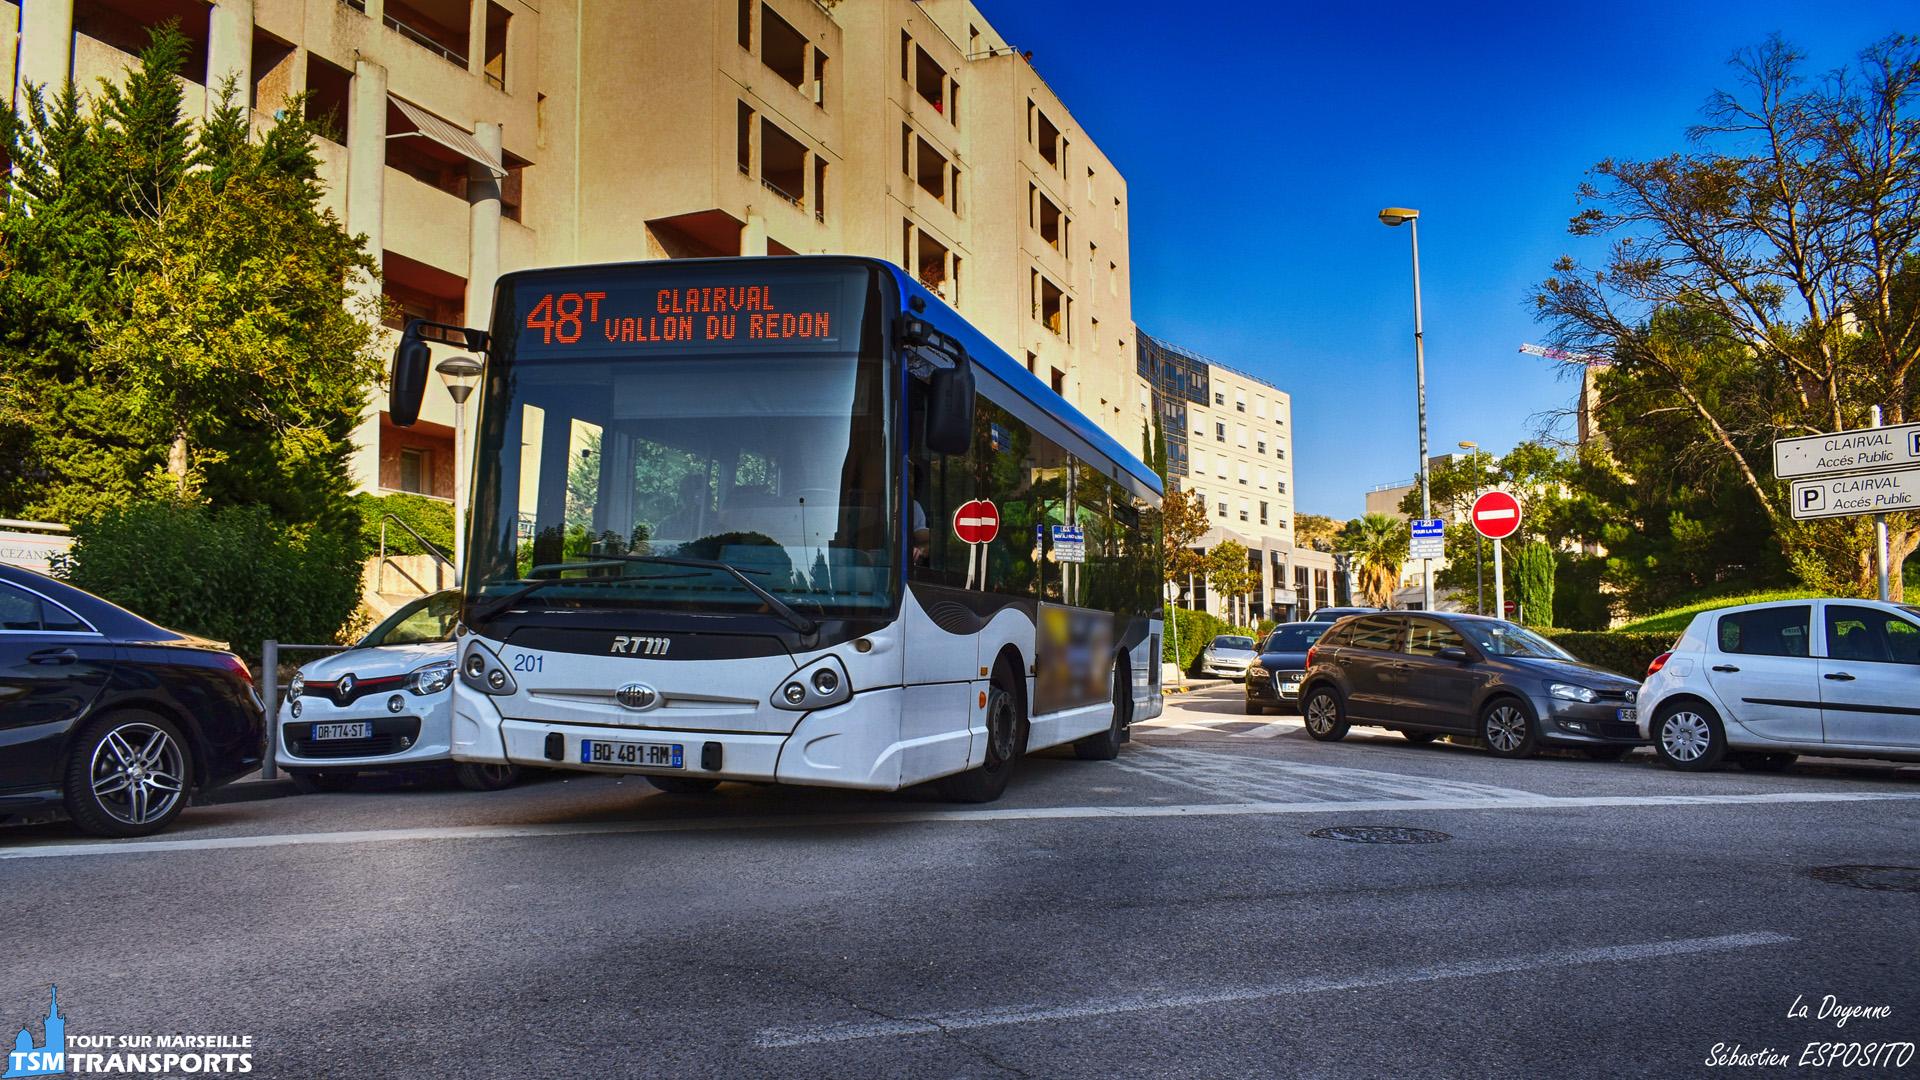 La 201, fameuse #doyenne des GX127 de la RTM, se présente à la sortie du Centre Médical Clairval sur la ligne dominicale 48T. . ℹ️ Heuliez Bus GX127 RTM n°201 en service sur la ligne 48T. . 📍 Croisement Rue Nicole Zemmour / Boulevard du Redon, Centre Médical Privé Clairval, 9eme arrondissement de Marseille. . ↔️ 48T : Métro Sainte Marguerite - Clairval Vallon du Redon. . 📸 Nikon D5600. . 📷 Nikkor 18-55mm. . 📅 21 octobre 2018 à 16:40. . 👨 Sébastien ESPOSITO.